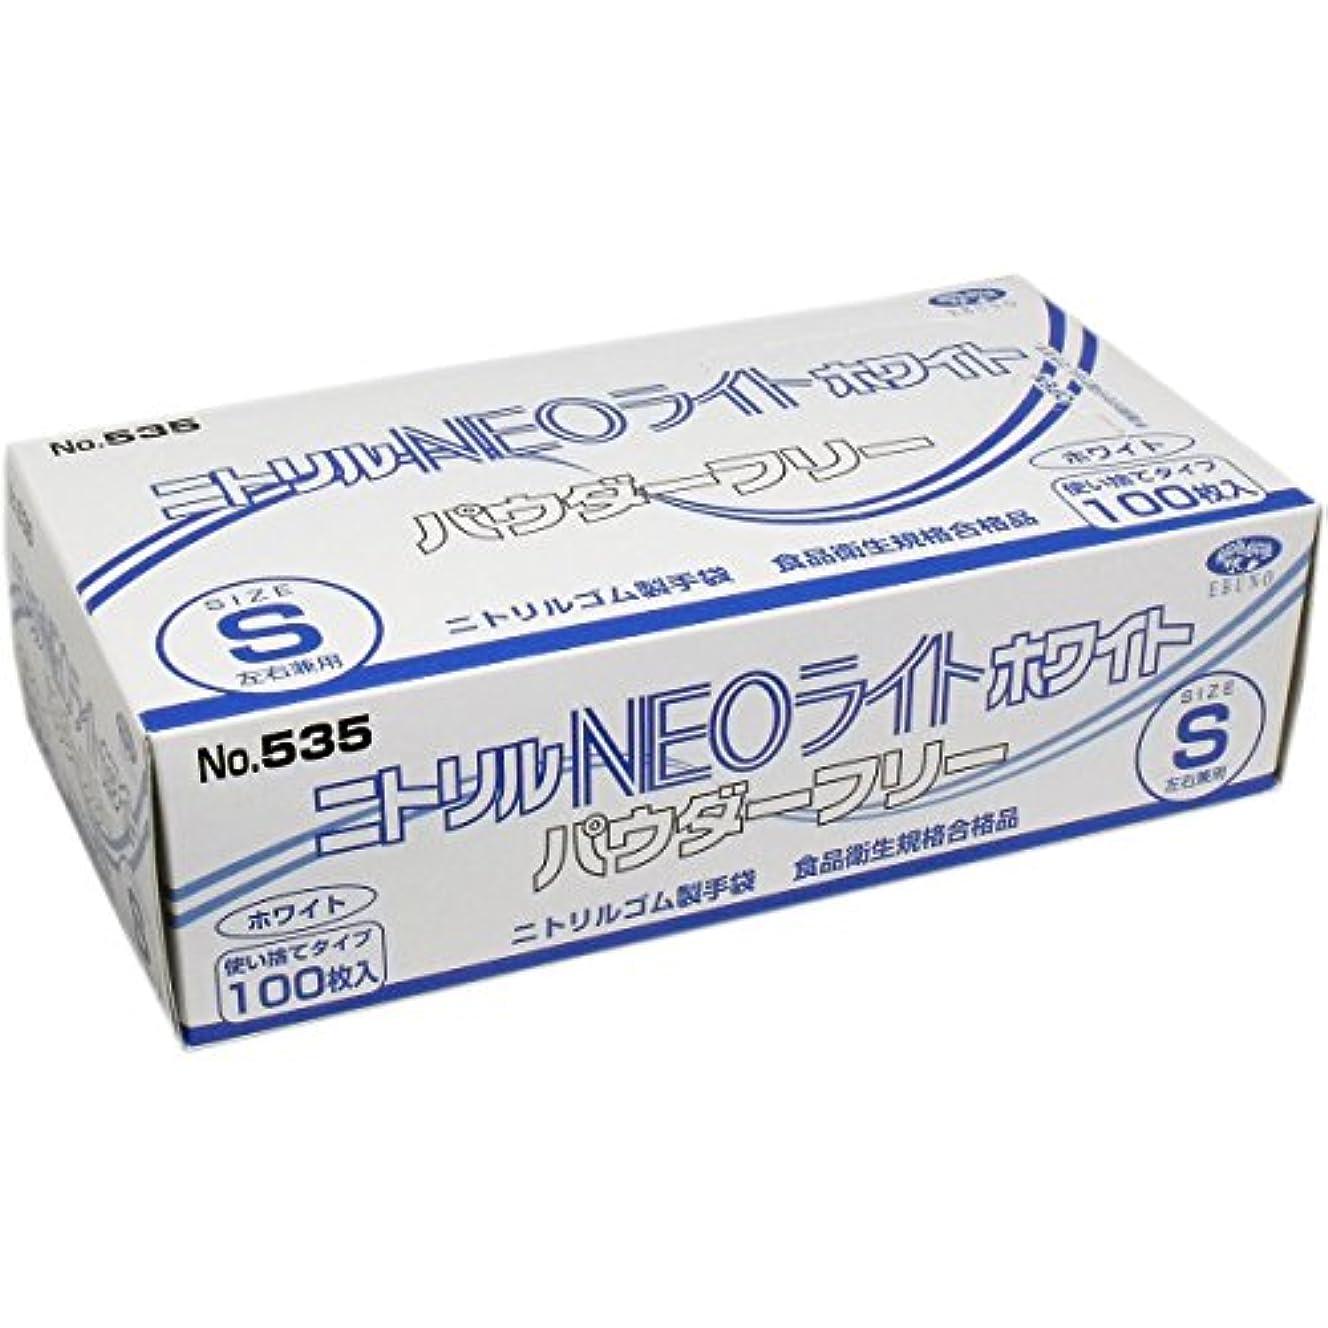 バイソン実施する正当化するニトリル手袋 NEOライト パウダーフリー ホワイト Sサイズ 100枚入×2個セット